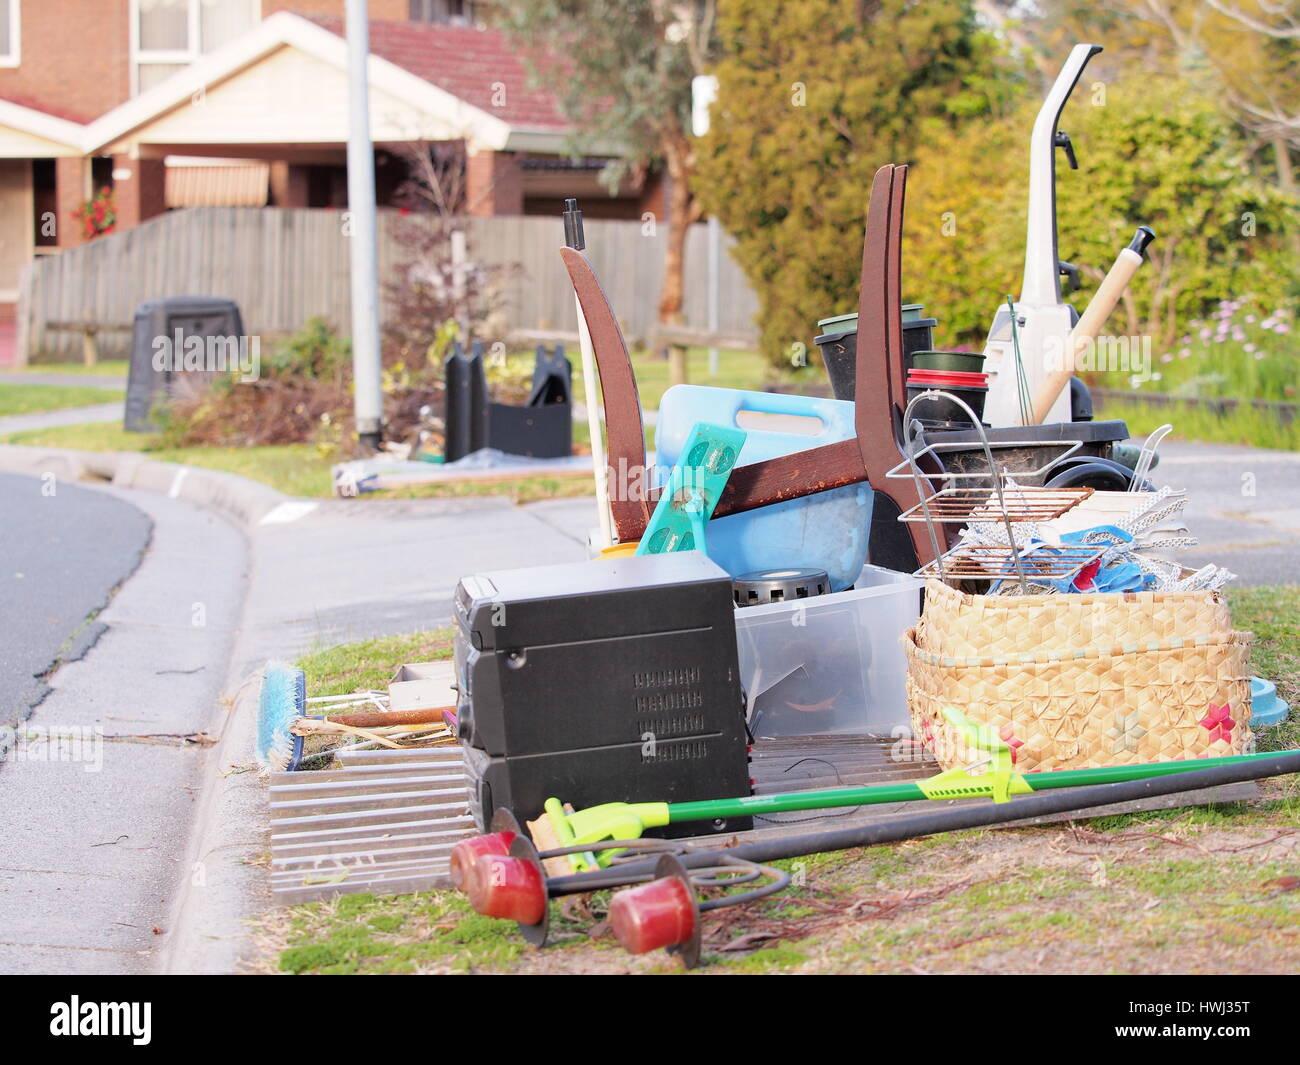 Disco basura a un costado de la carretera en una zona residencial de Melbourne. Imagen De Stock